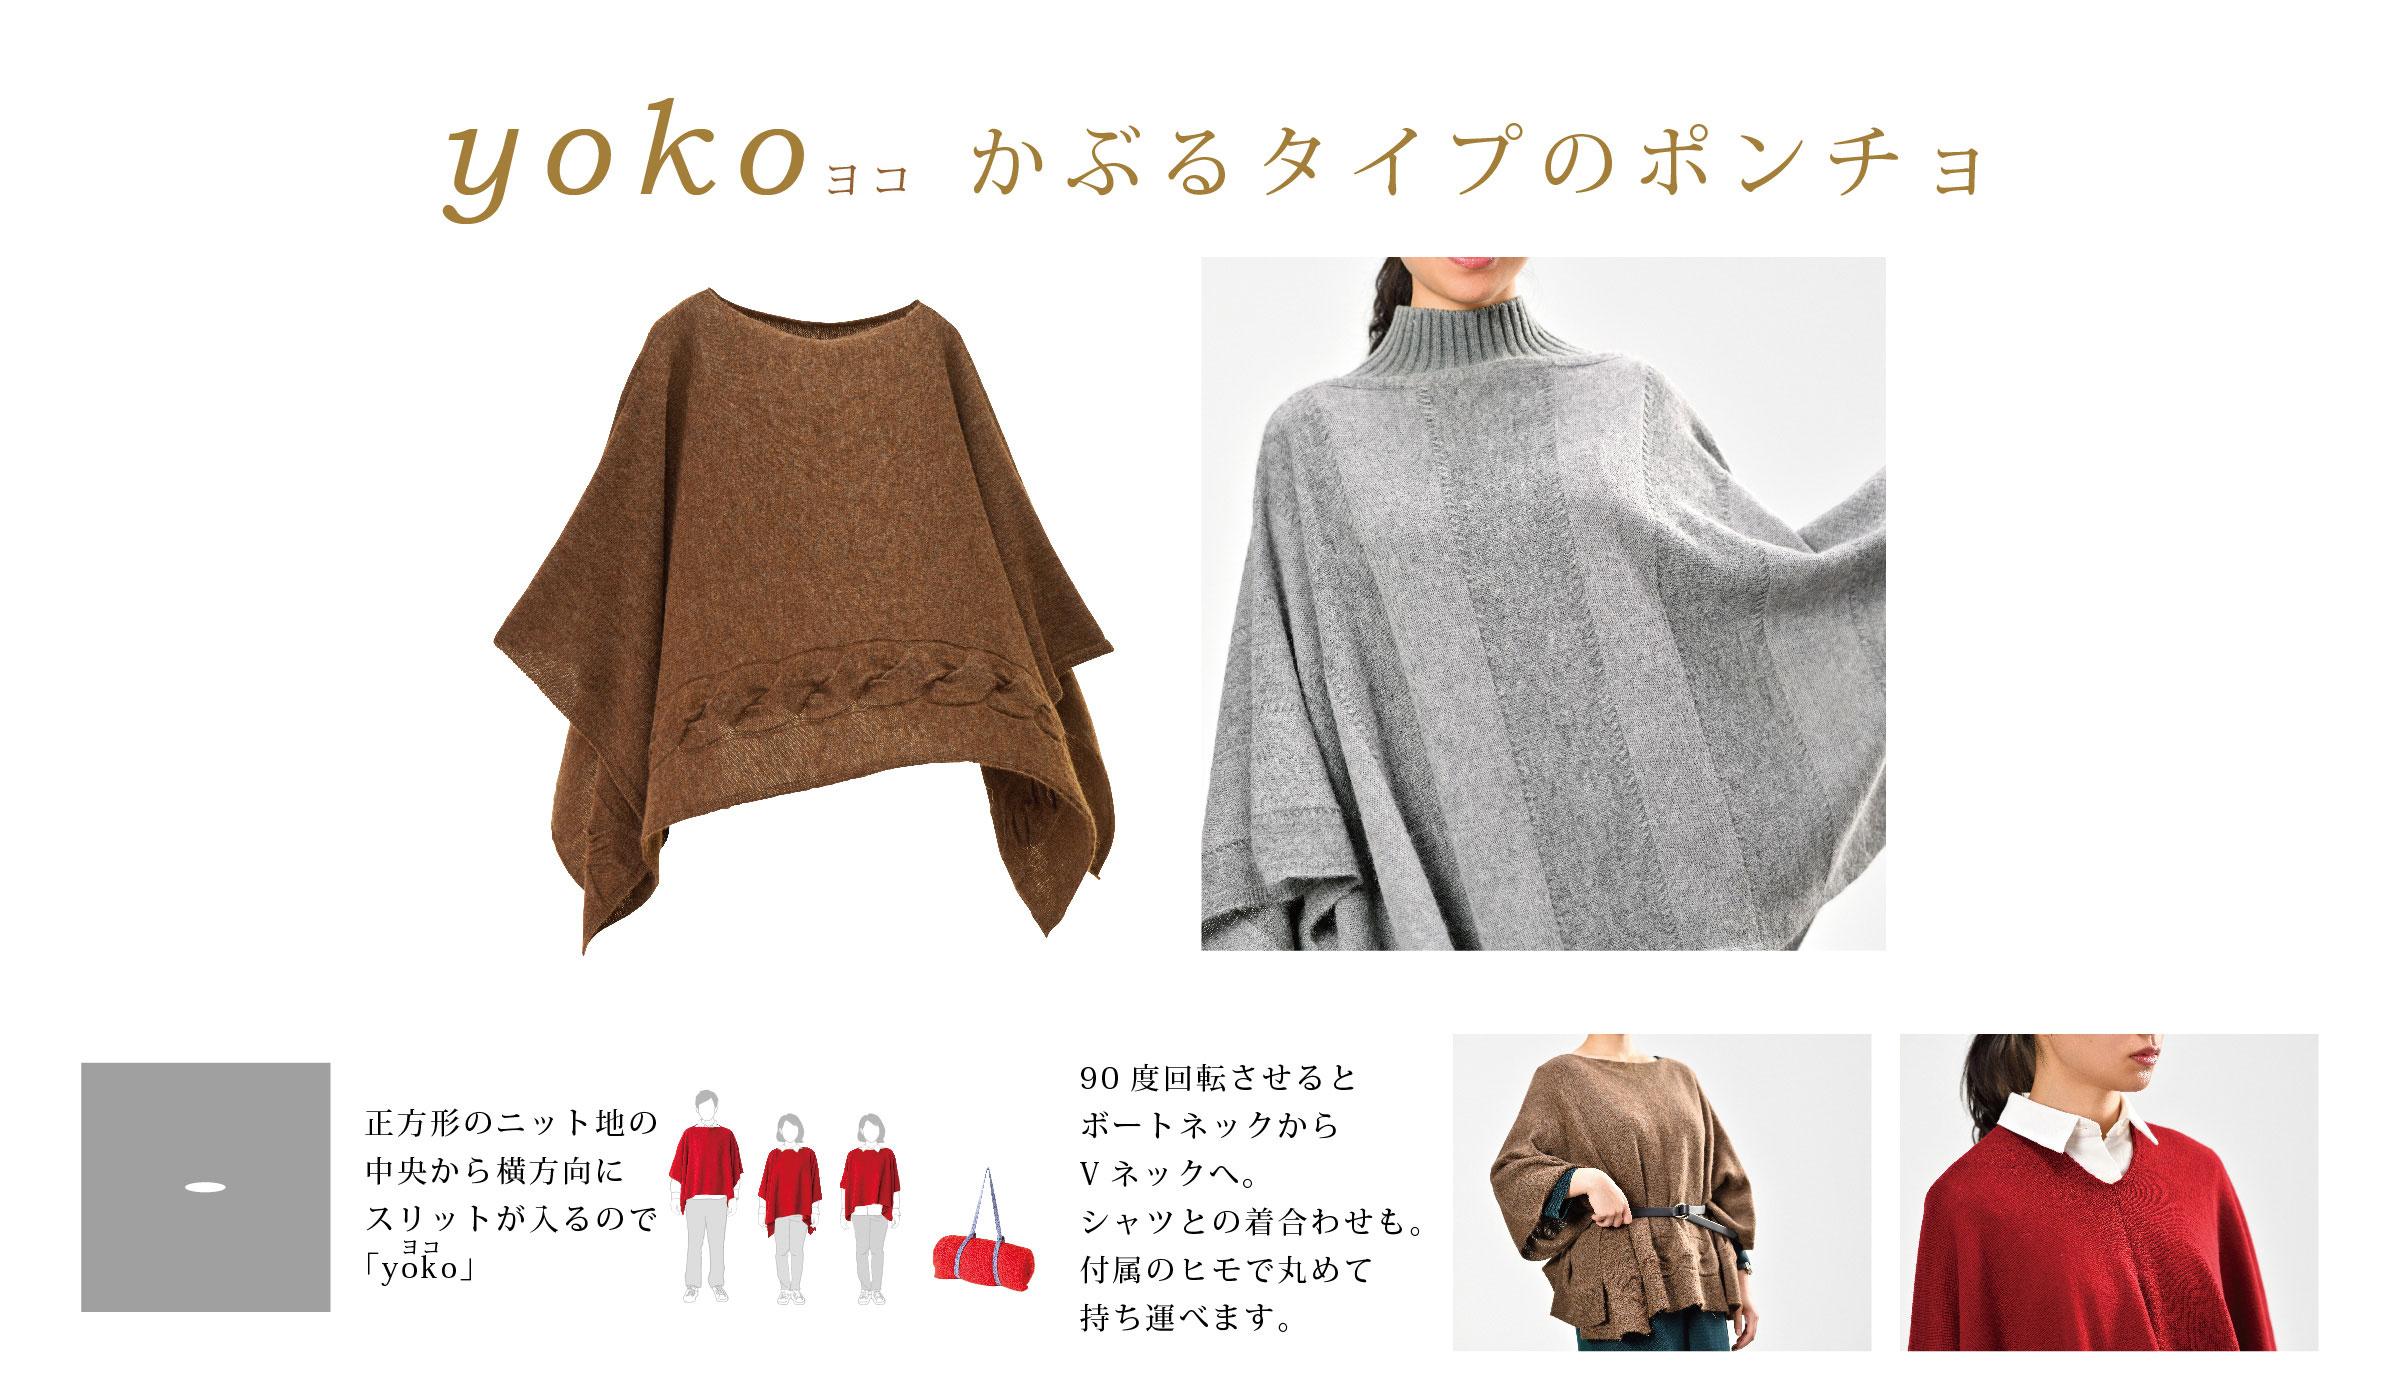 yoko(ヨコ)